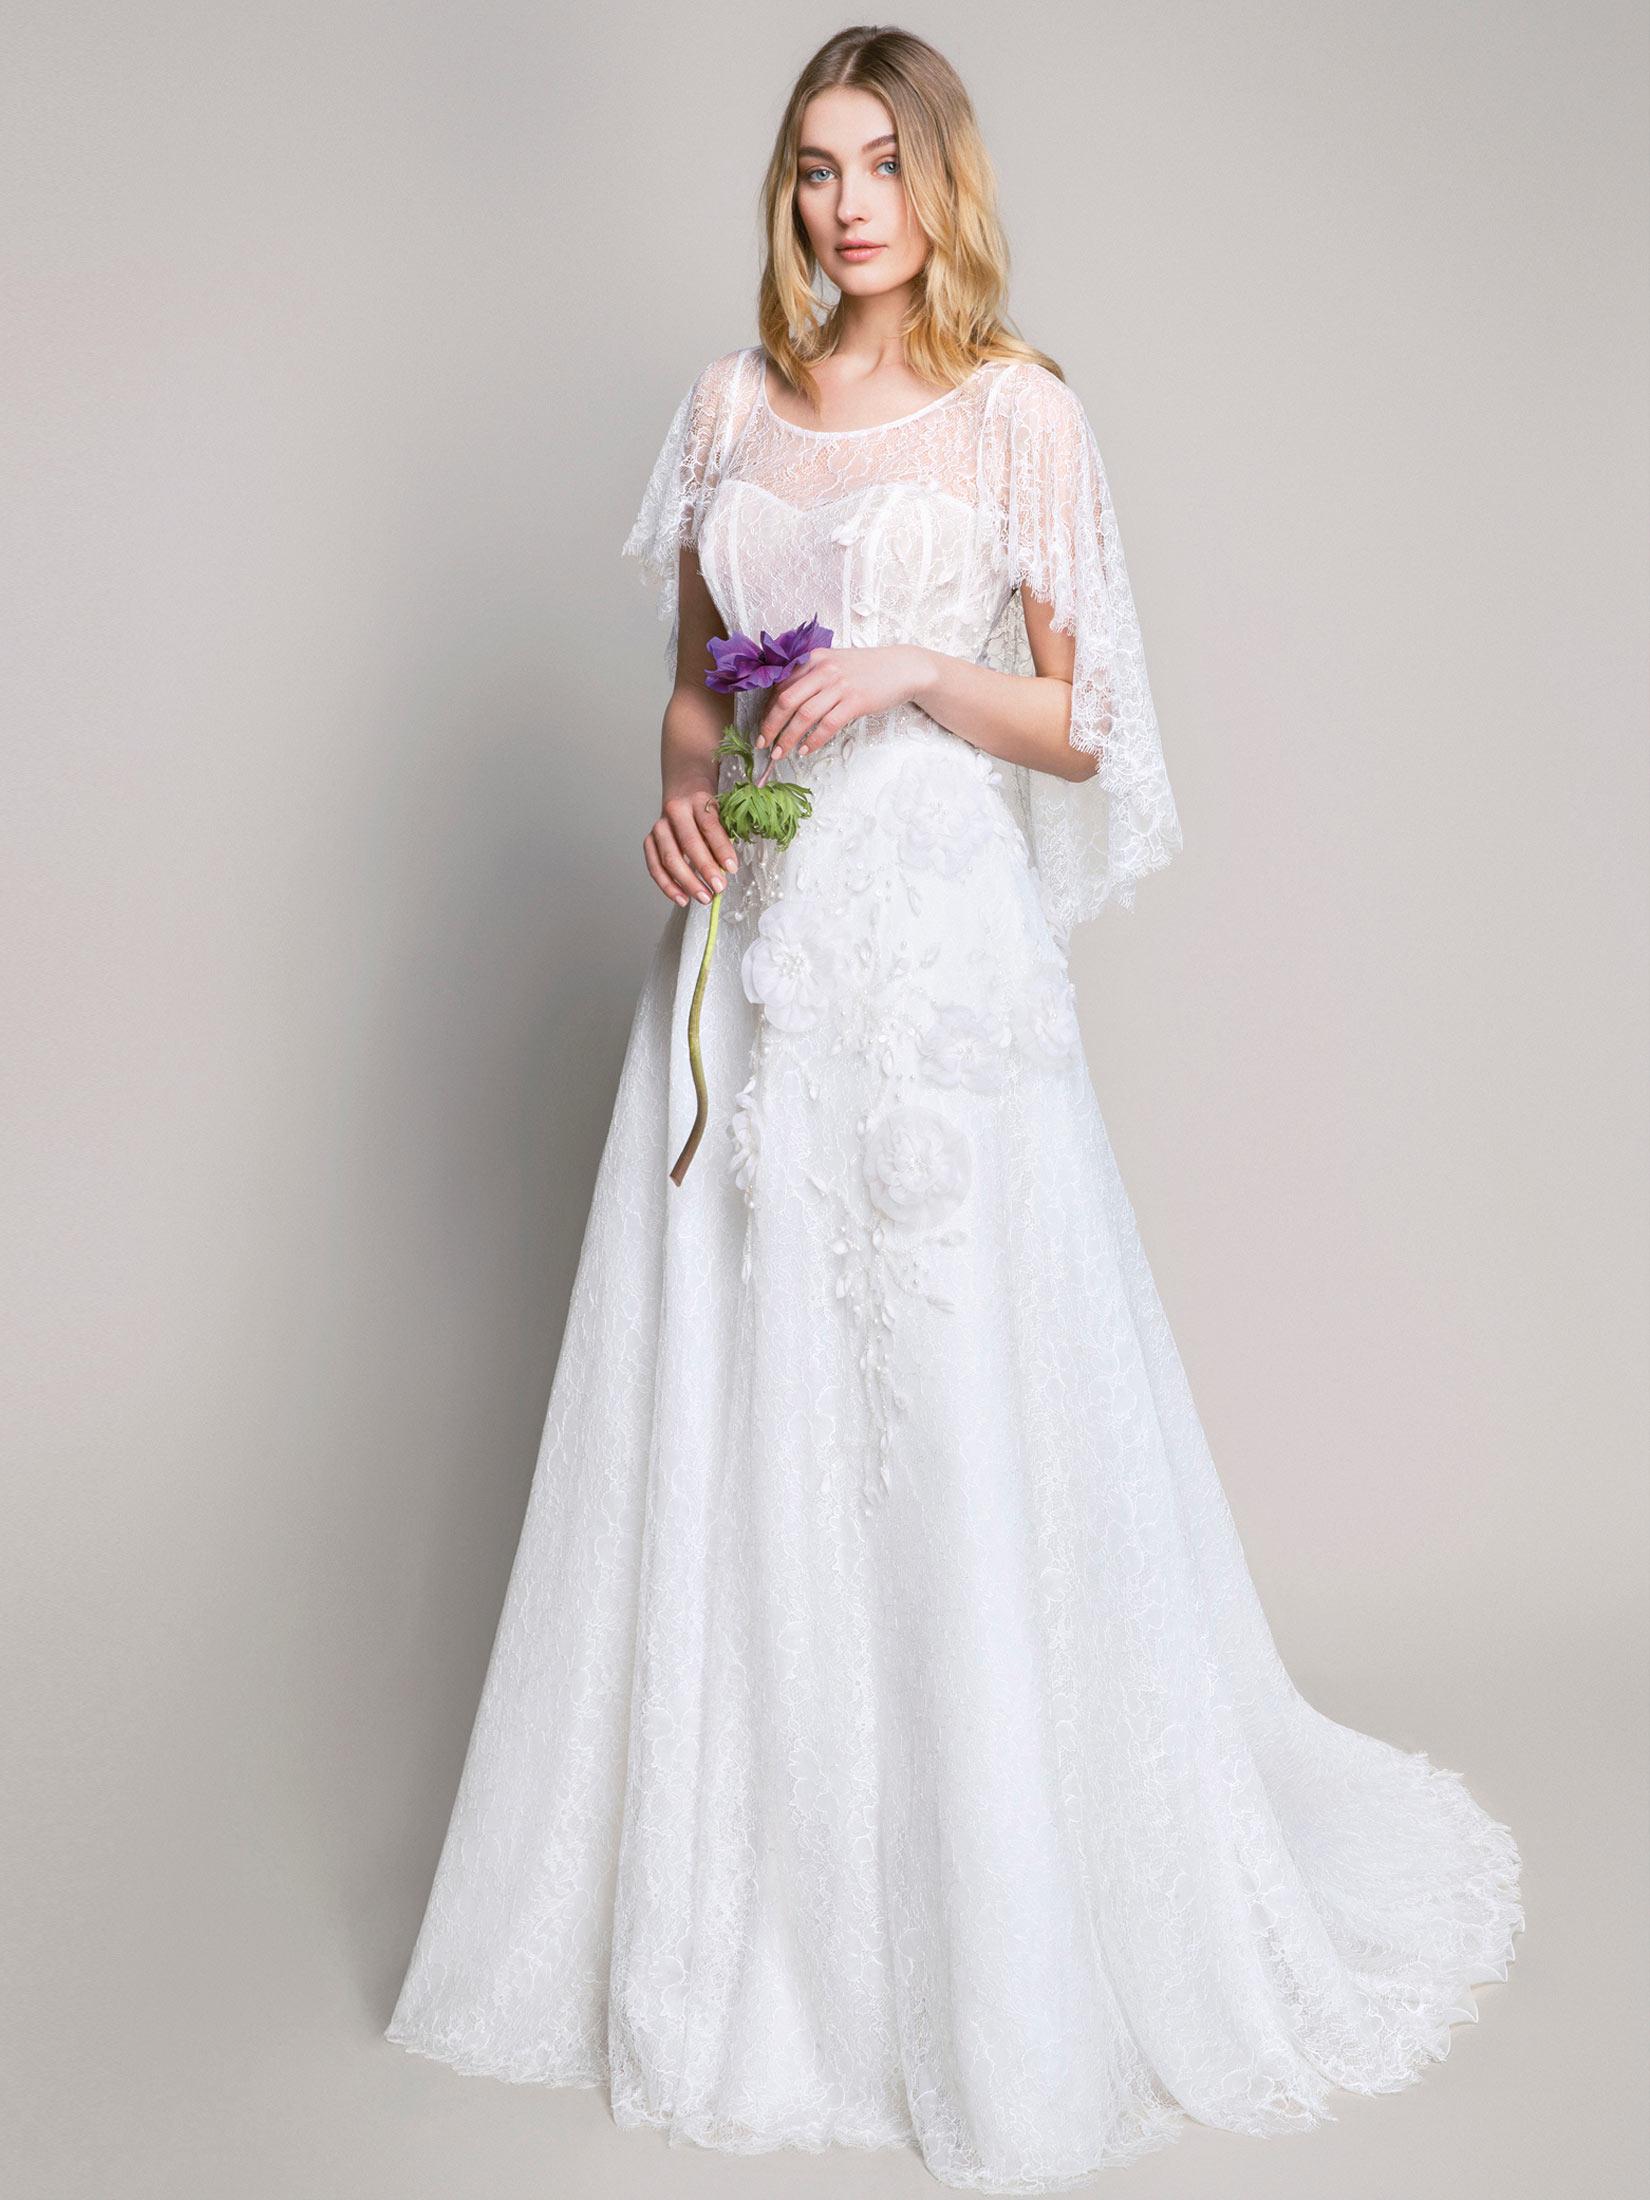 reputable site 7b4be af81e Blumarine abiti da sposa